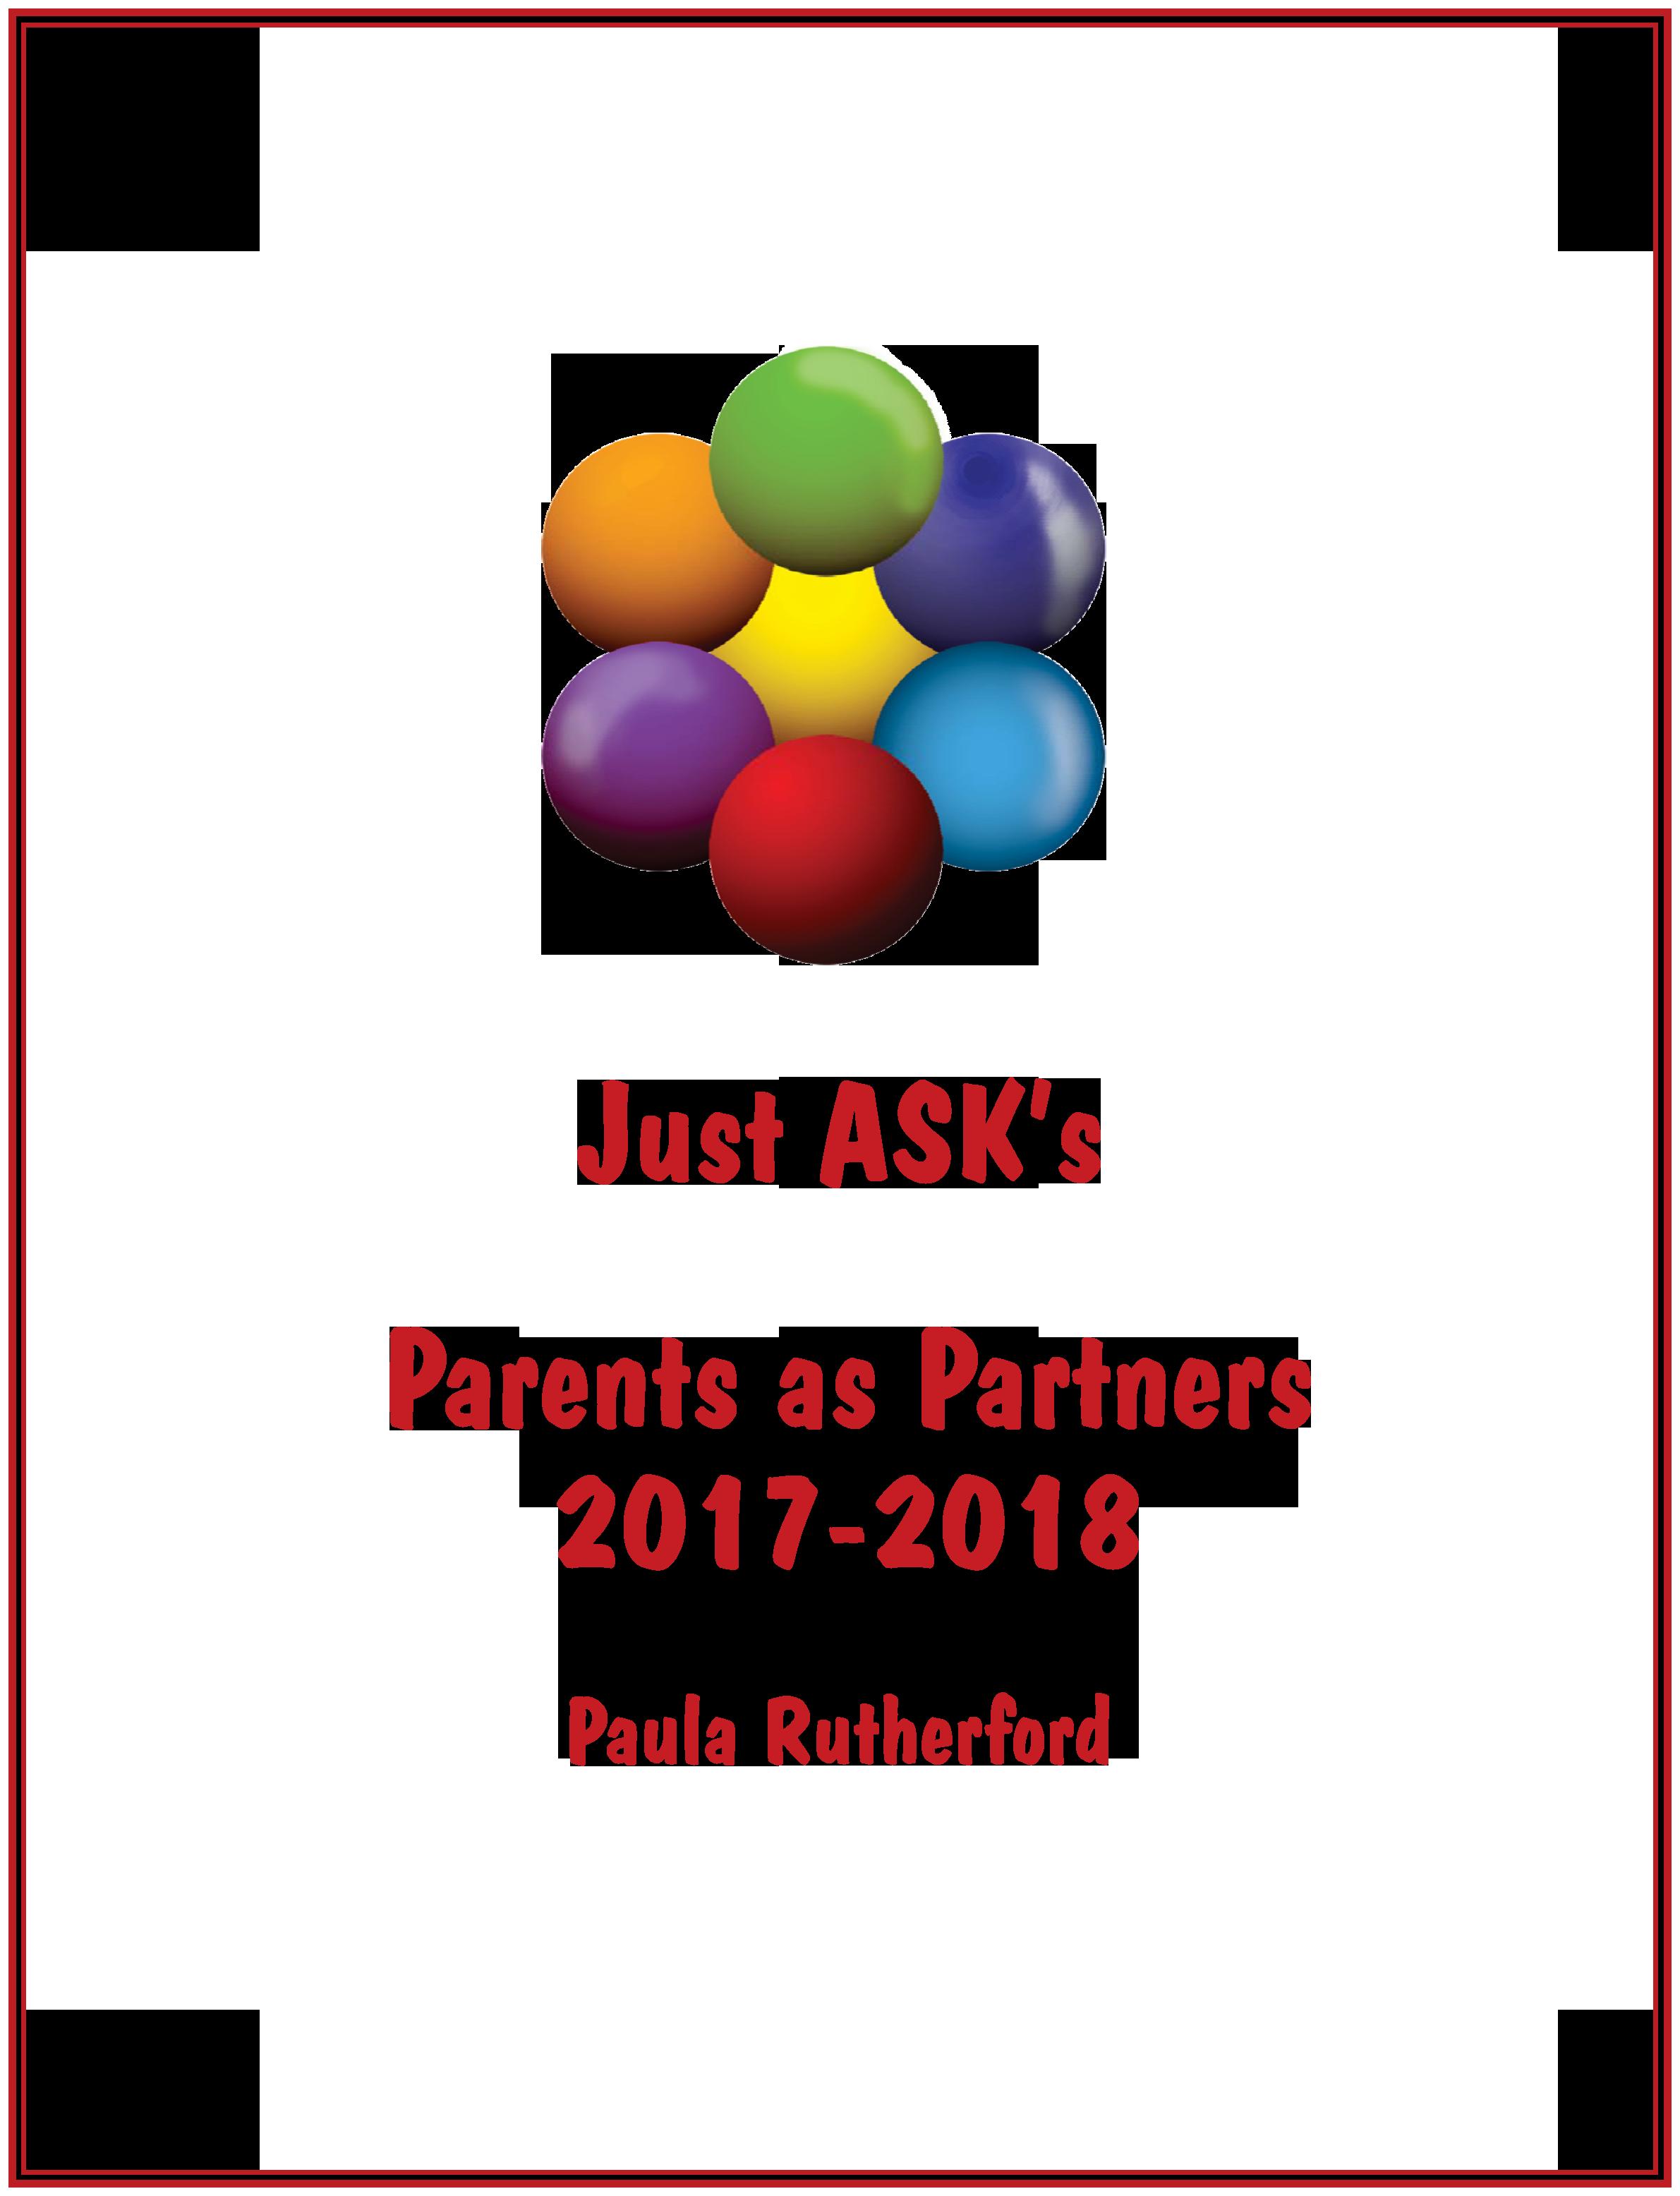 Parents as Partners 2017-2018